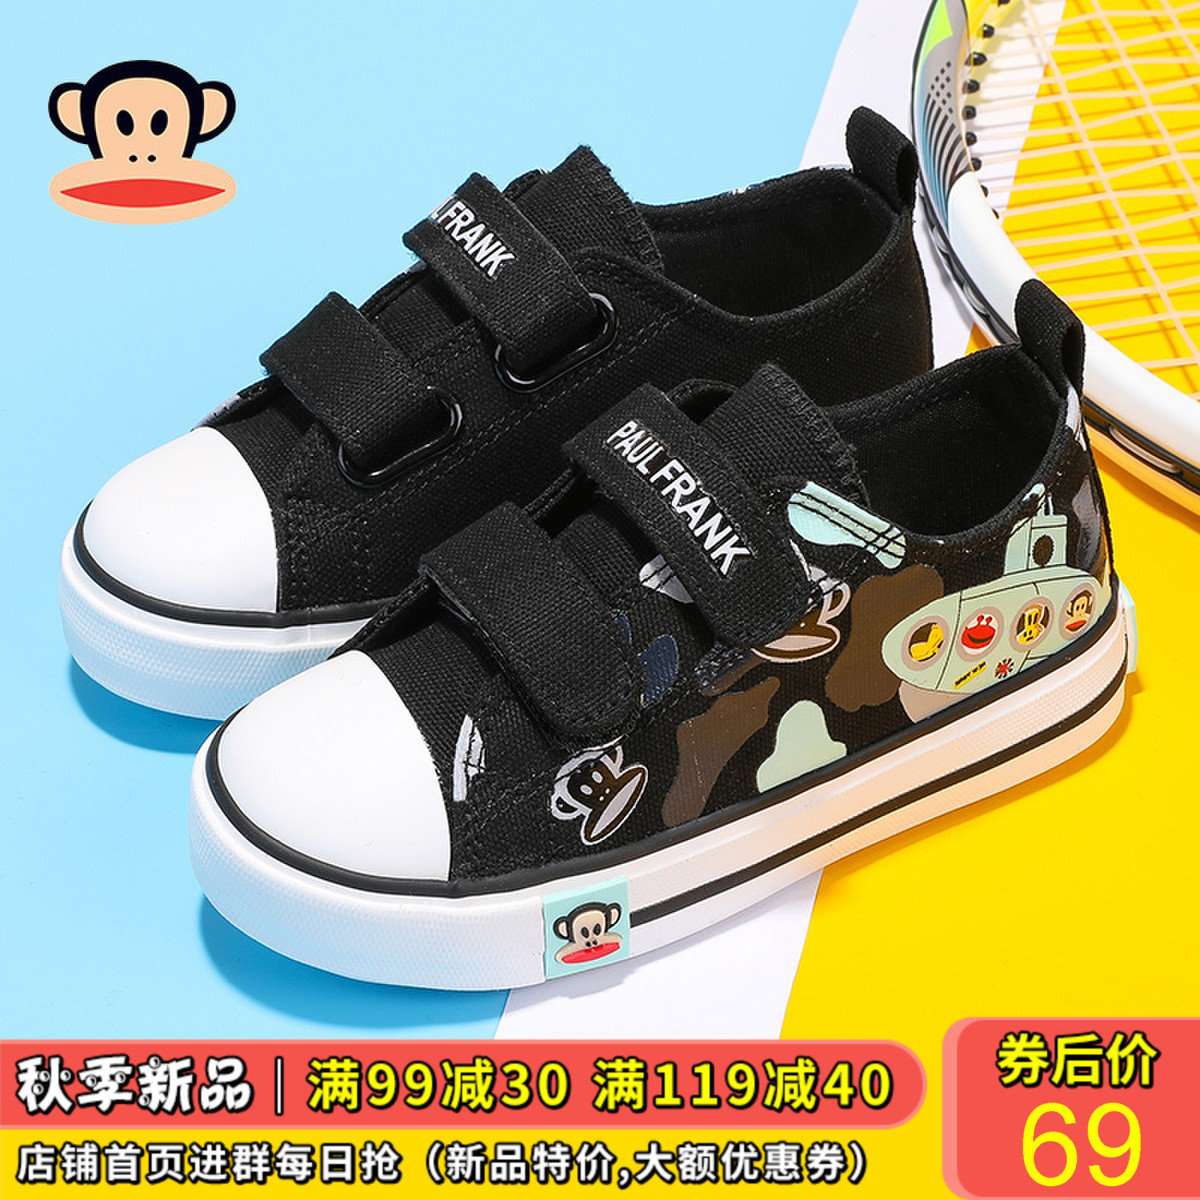 大嘴猴童鞋帆布鞋男童2018秋季新款韩版透气女儿童鞋子板鞋小白鞋